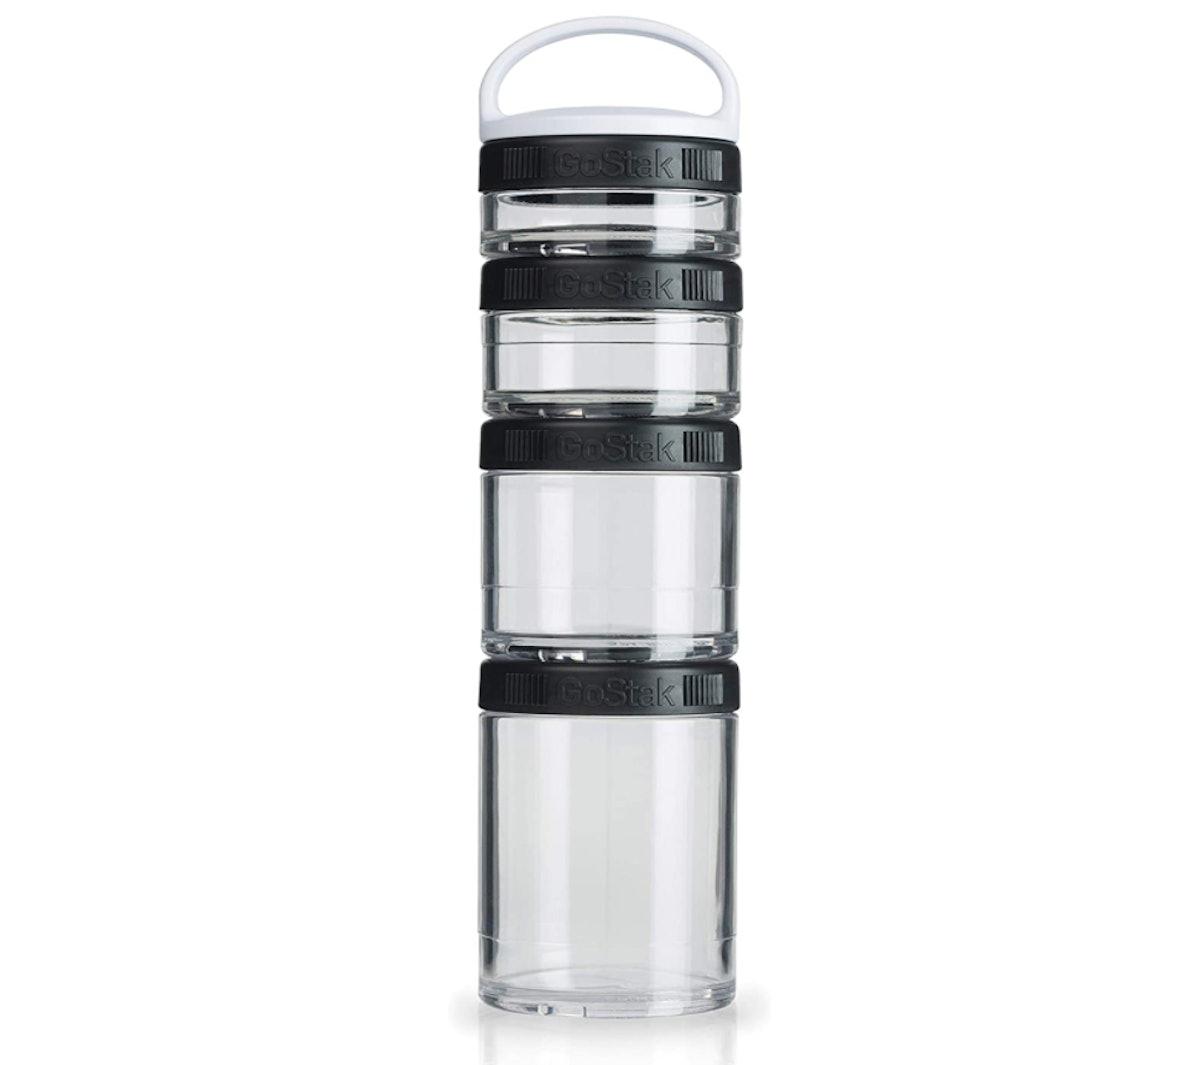 BlenderBottle Twist n' Lock Storage Jars (4-Pack)